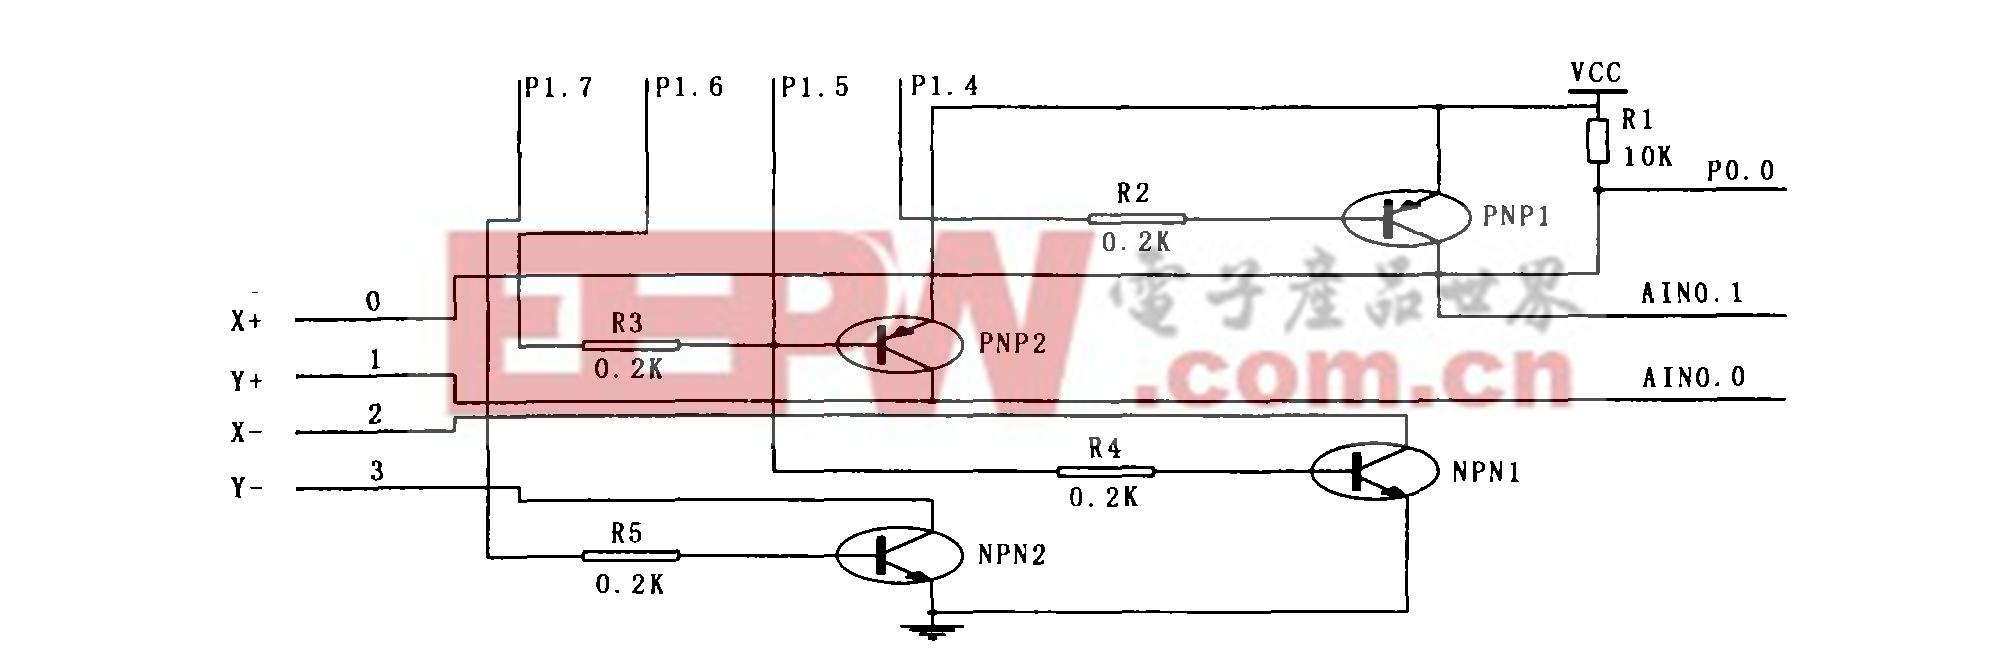 图2 触摸屏硬件接口电路